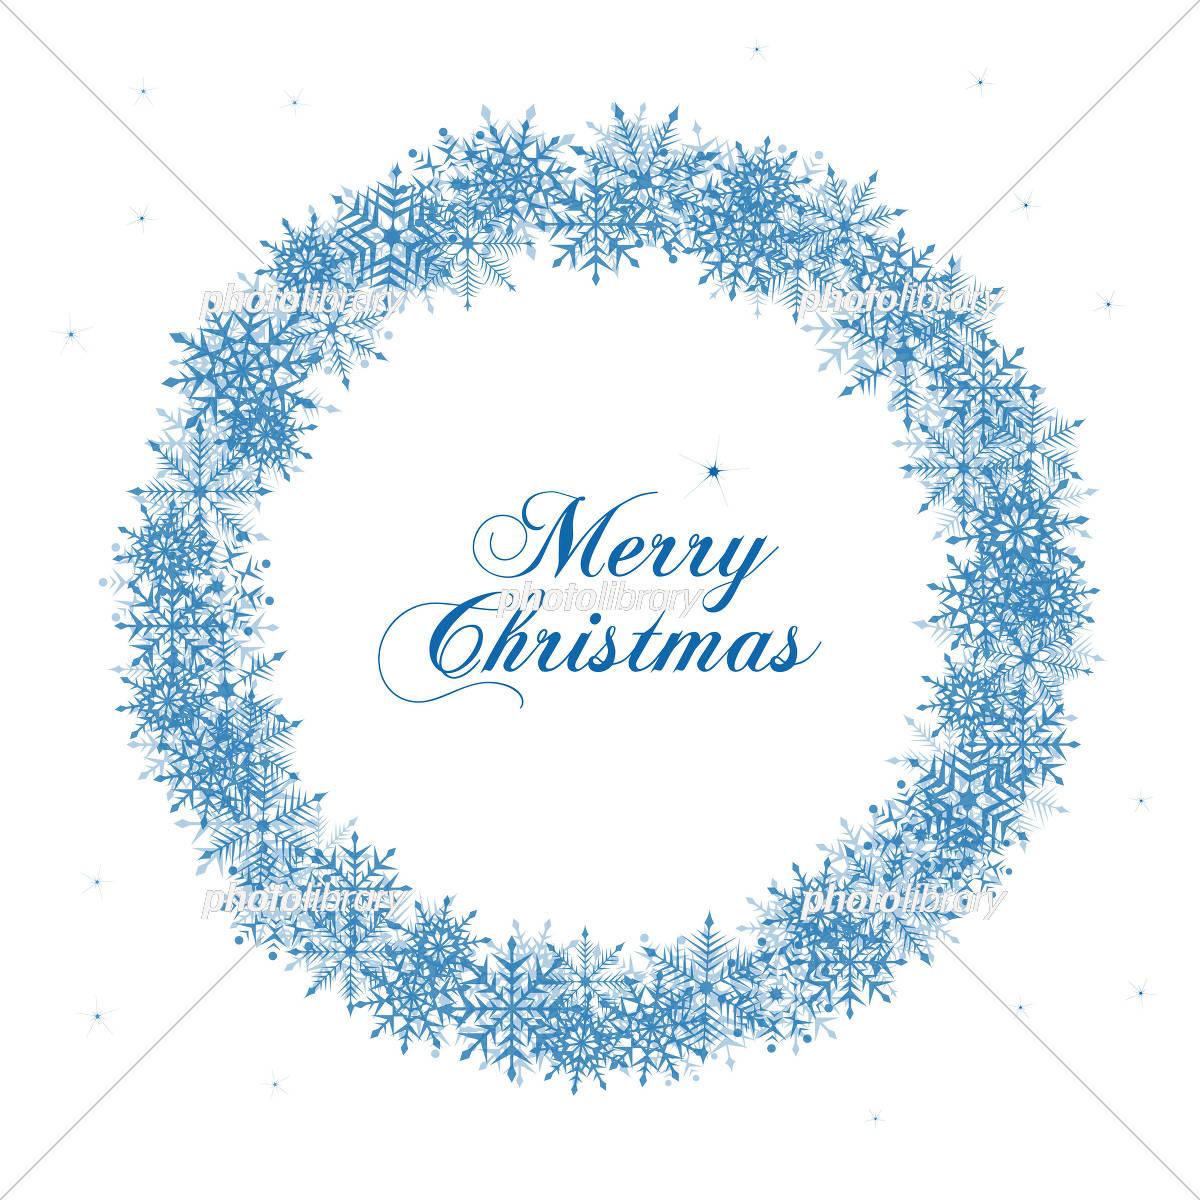 雪の結晶のおしゃれなクリスマスリース イラスト素材 [ 5319019